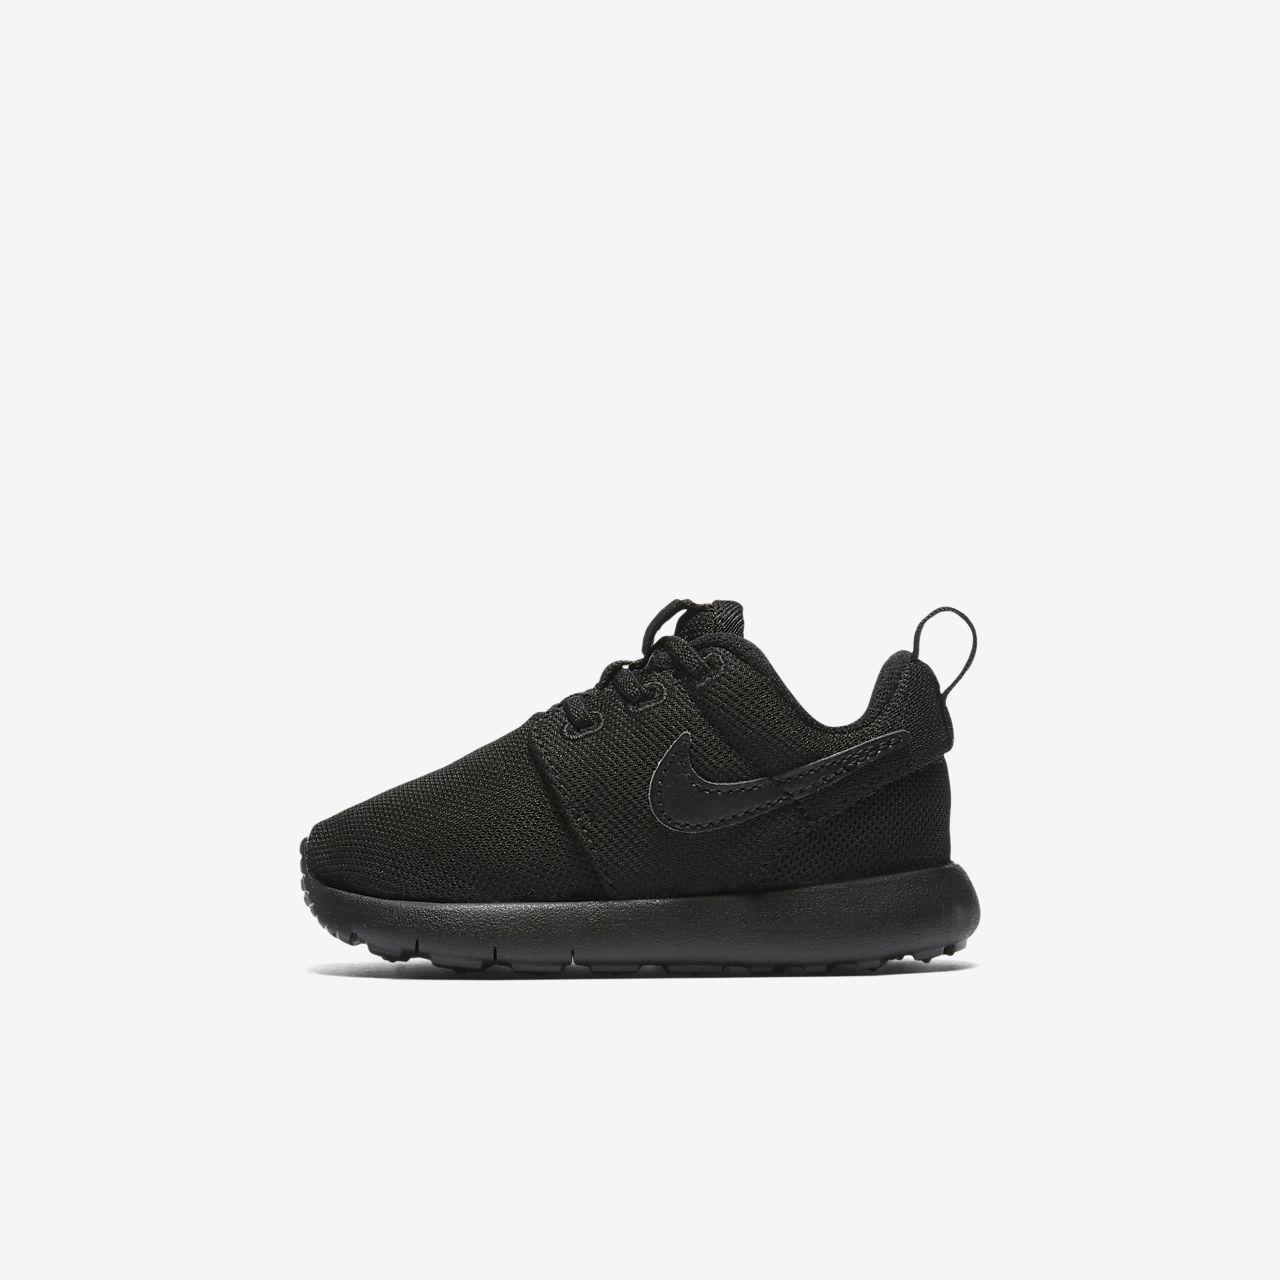 ... Chaussure Nike Roshe One pour Bébé/Petit enfant